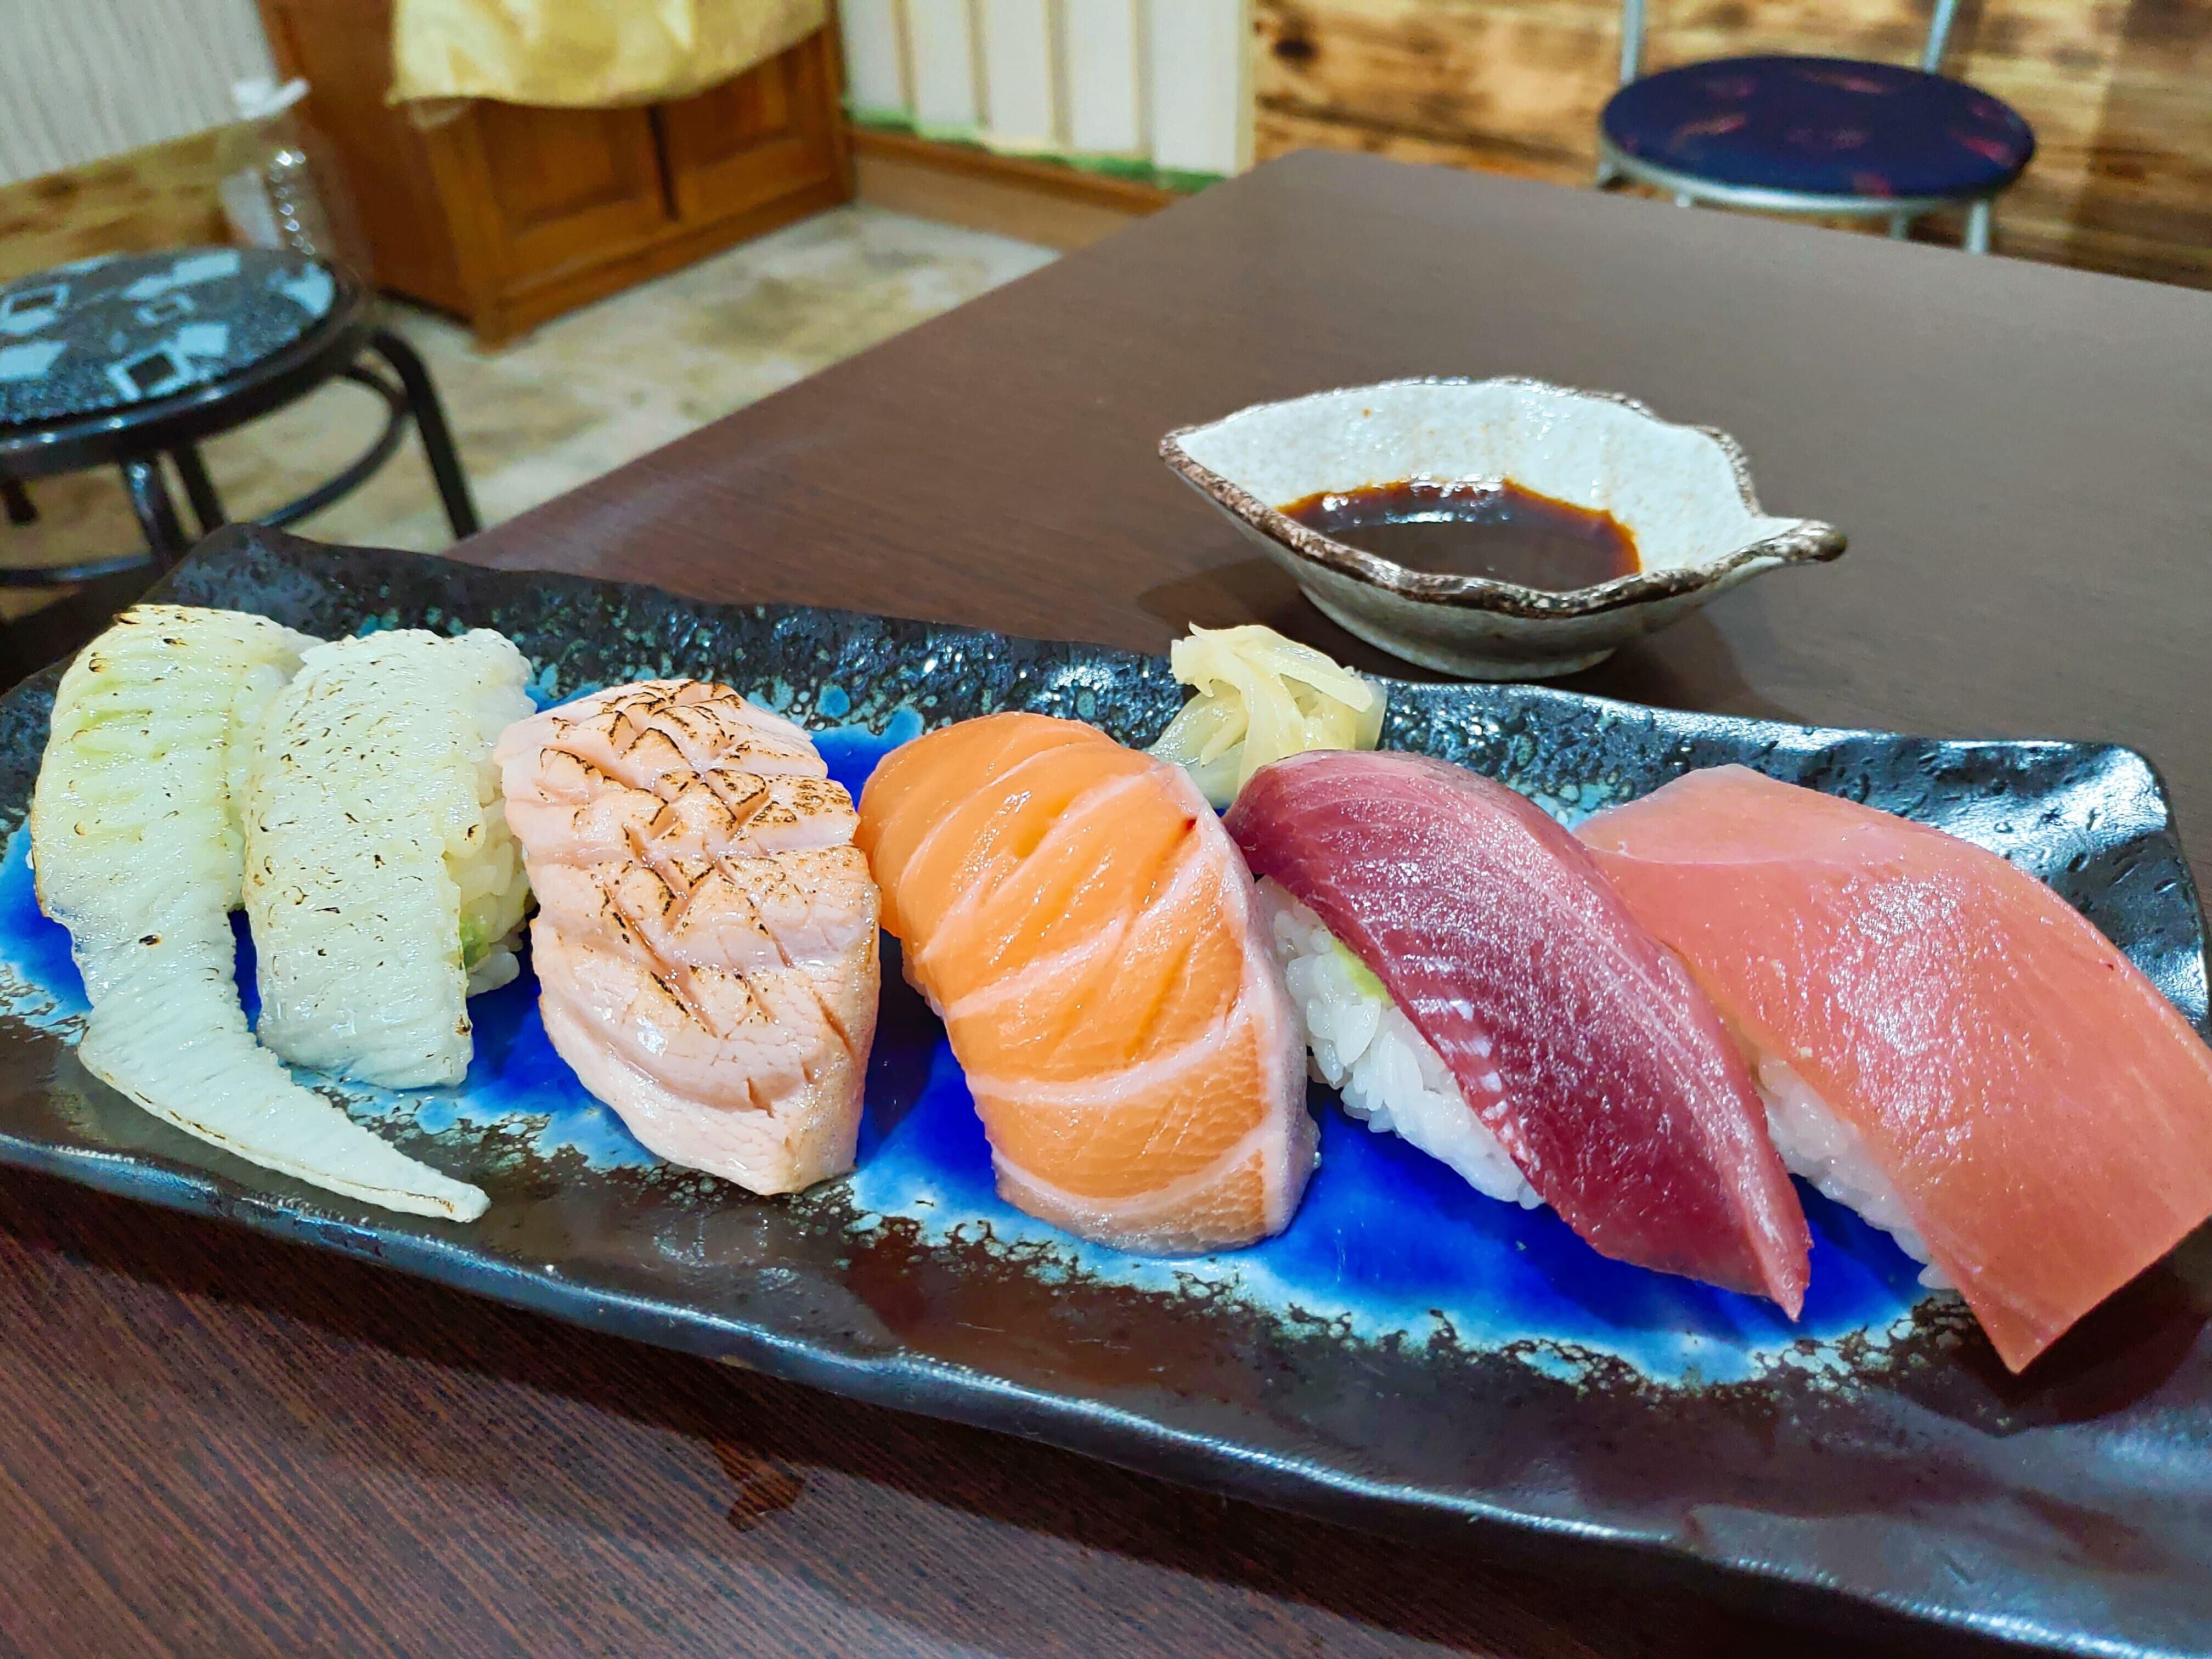 【花蓮市區】發師の店–價格實惠且用料實在的美味握壽司